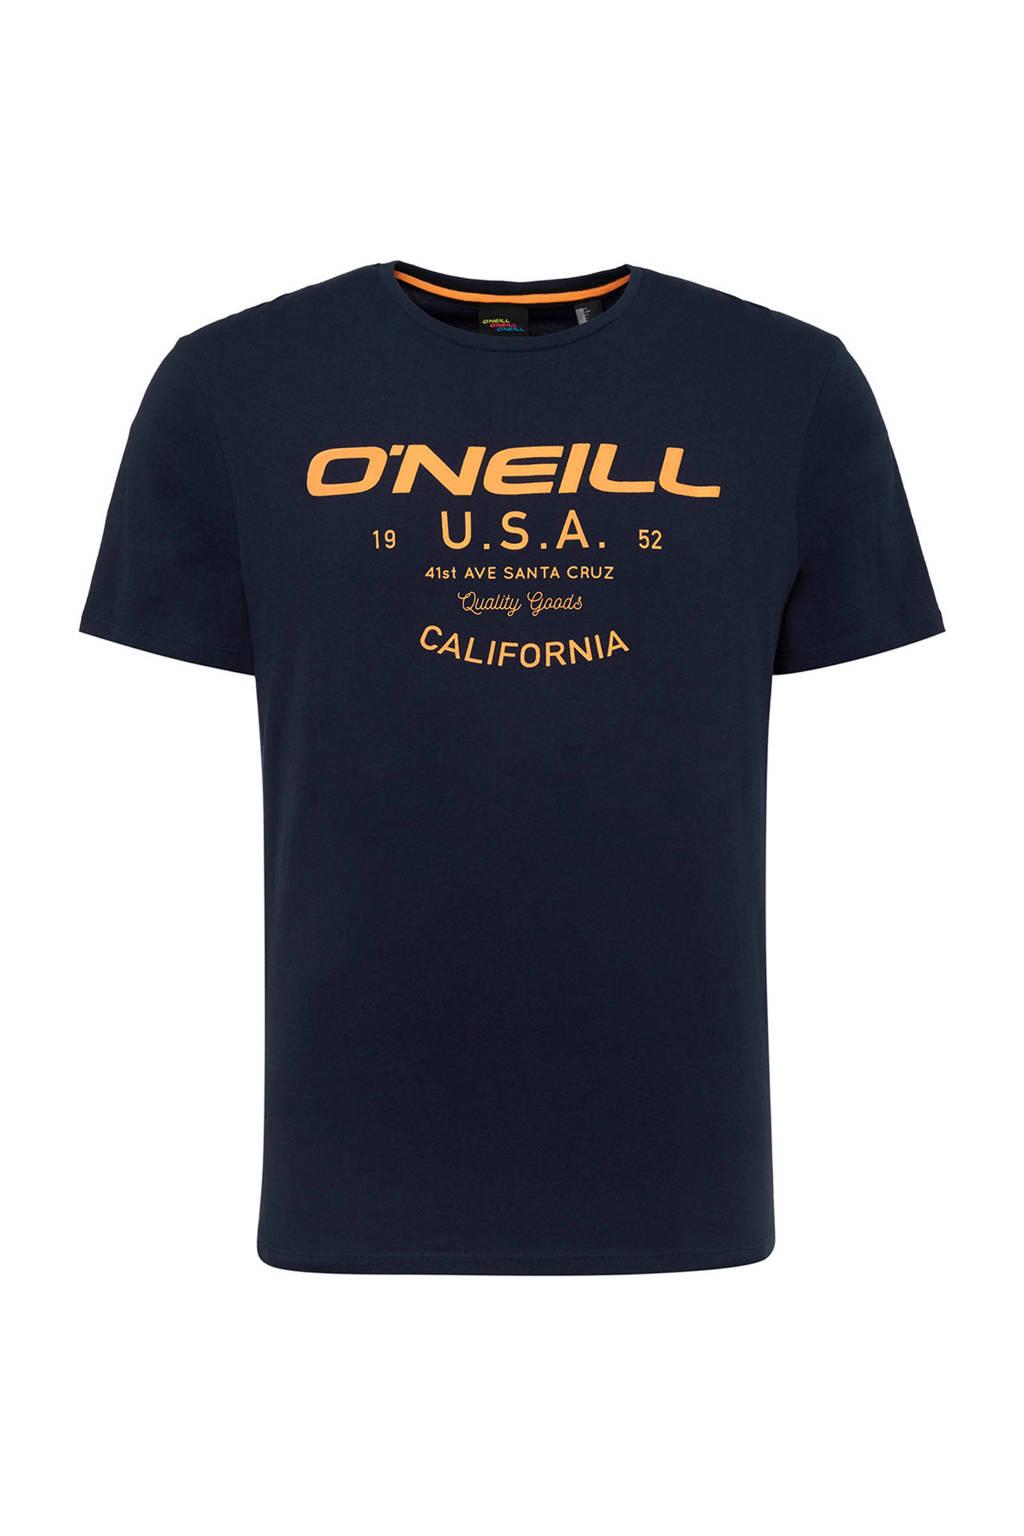 O'Neill T-shirt met printopdruk black uni, Black Uni